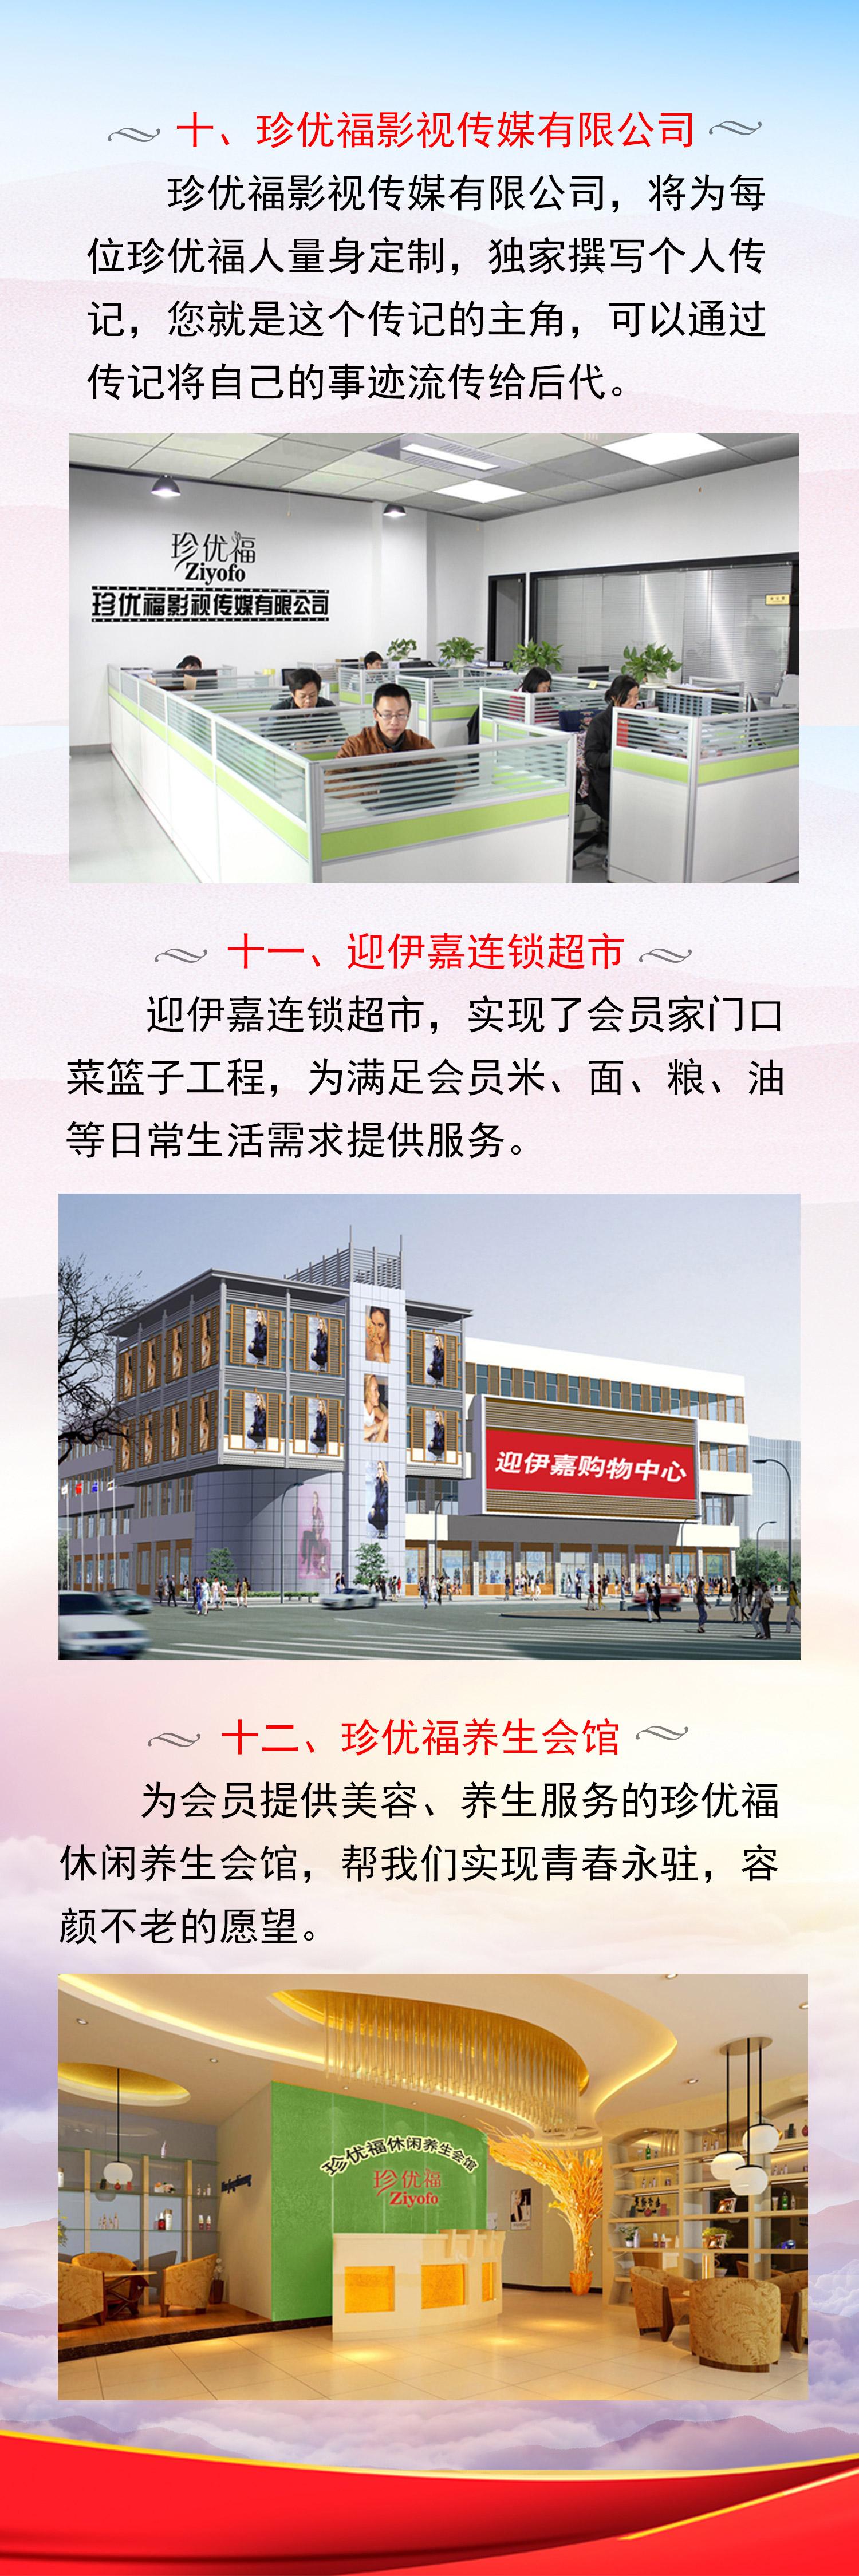 http://image.zhenyoufu.com.cn/shop/article/06711082946178690.jpg